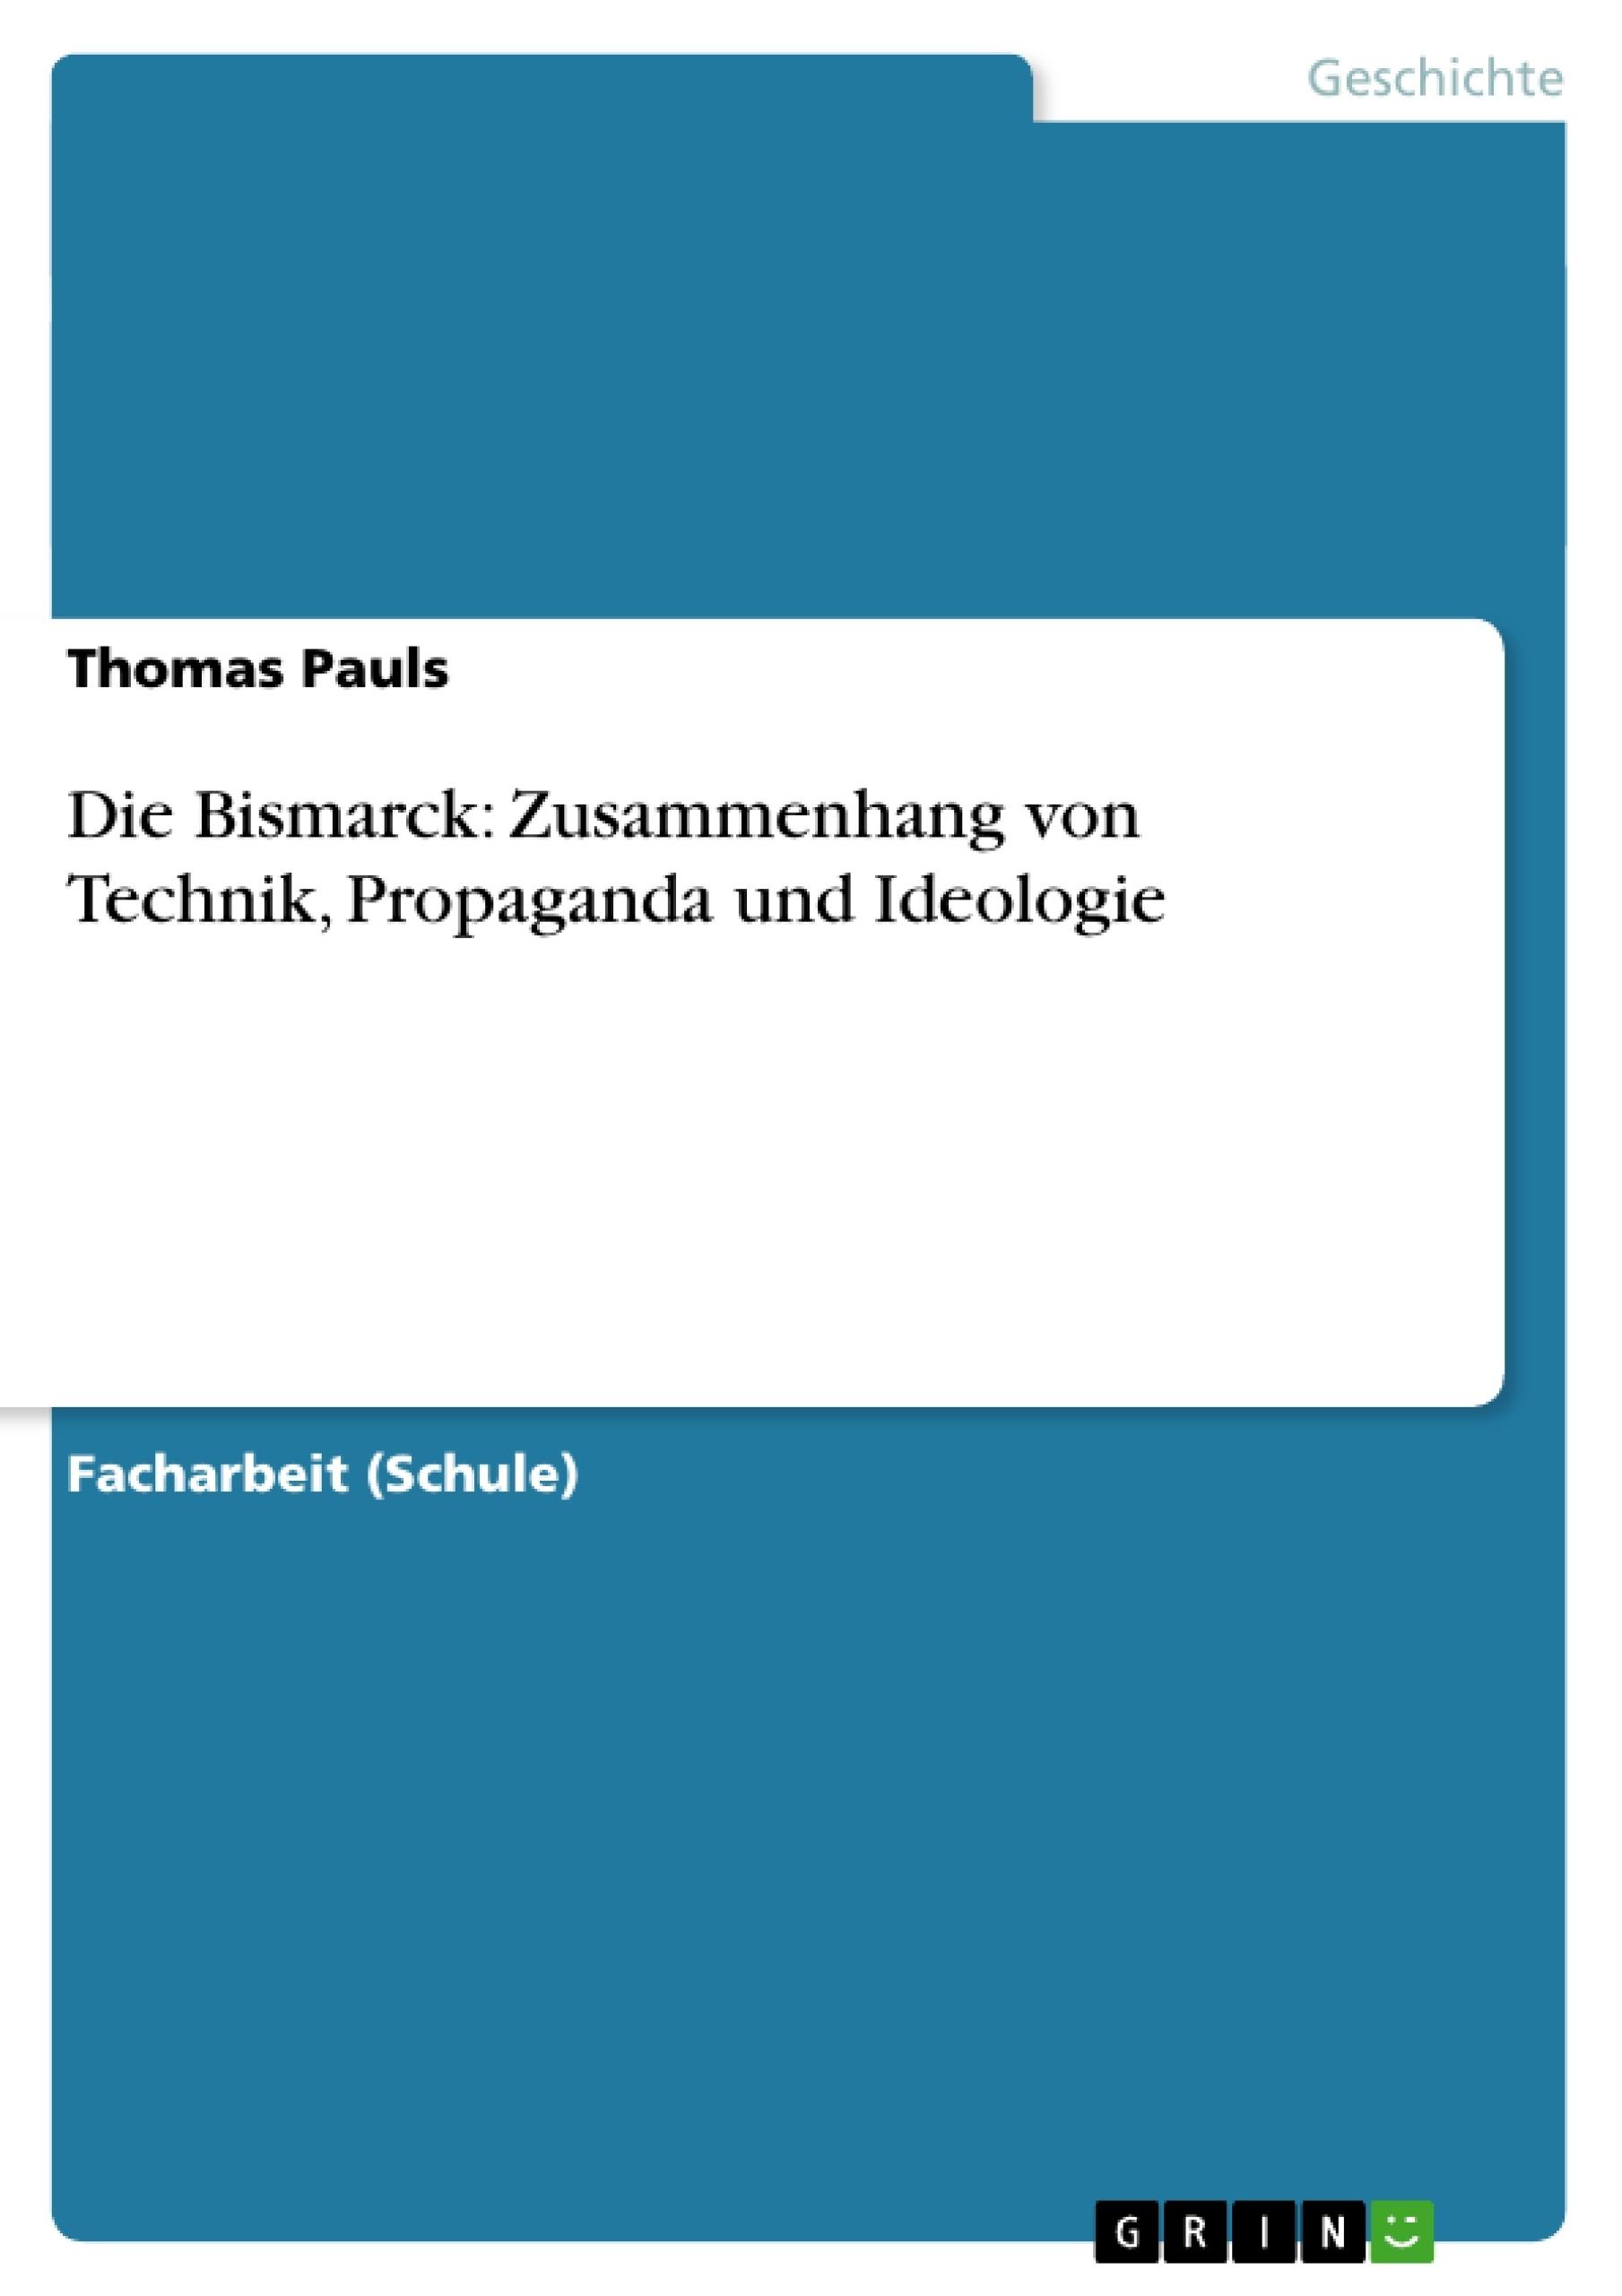 Titel: Die Bismarck: Zusammenhang von Technik, Propaganda und Ideologie